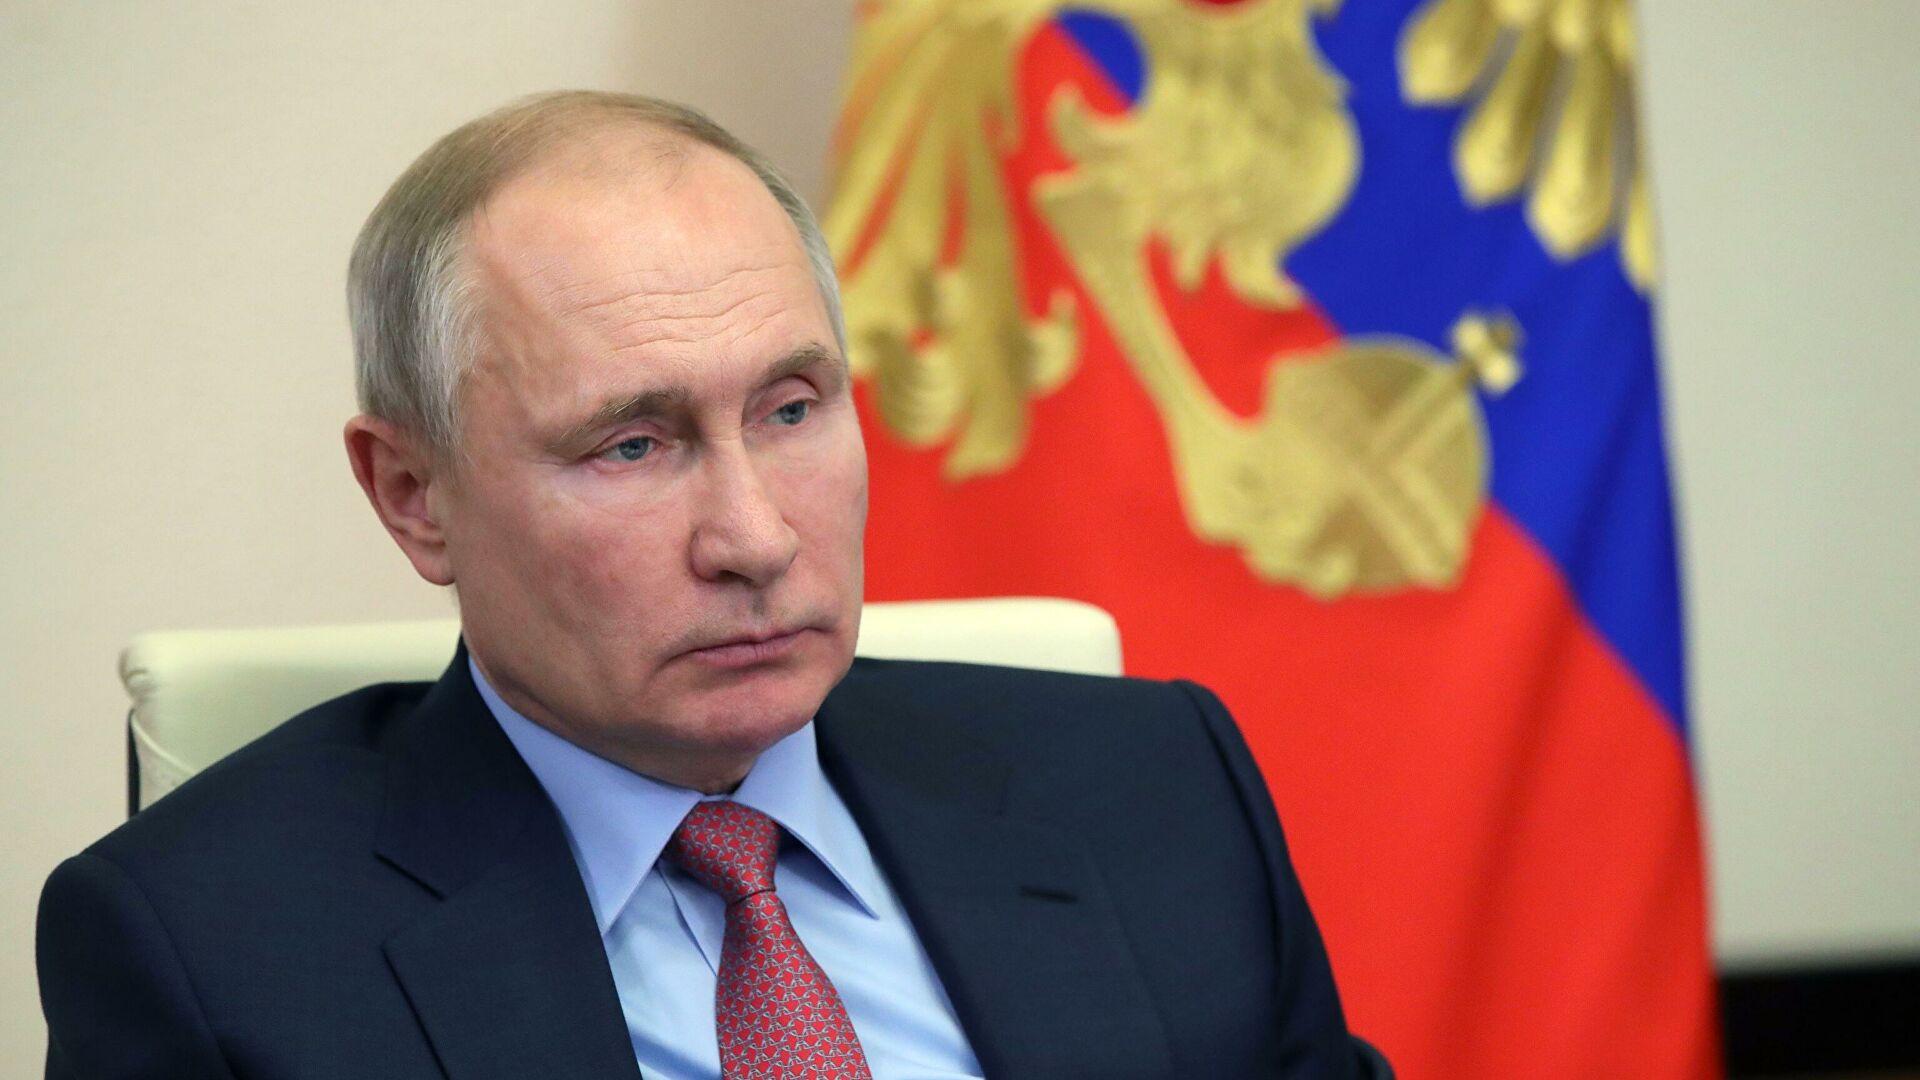 Путин в Давосе расскажет о том, как меняется мир в эпоху пандемии - РИА Новости, 26.01.2021